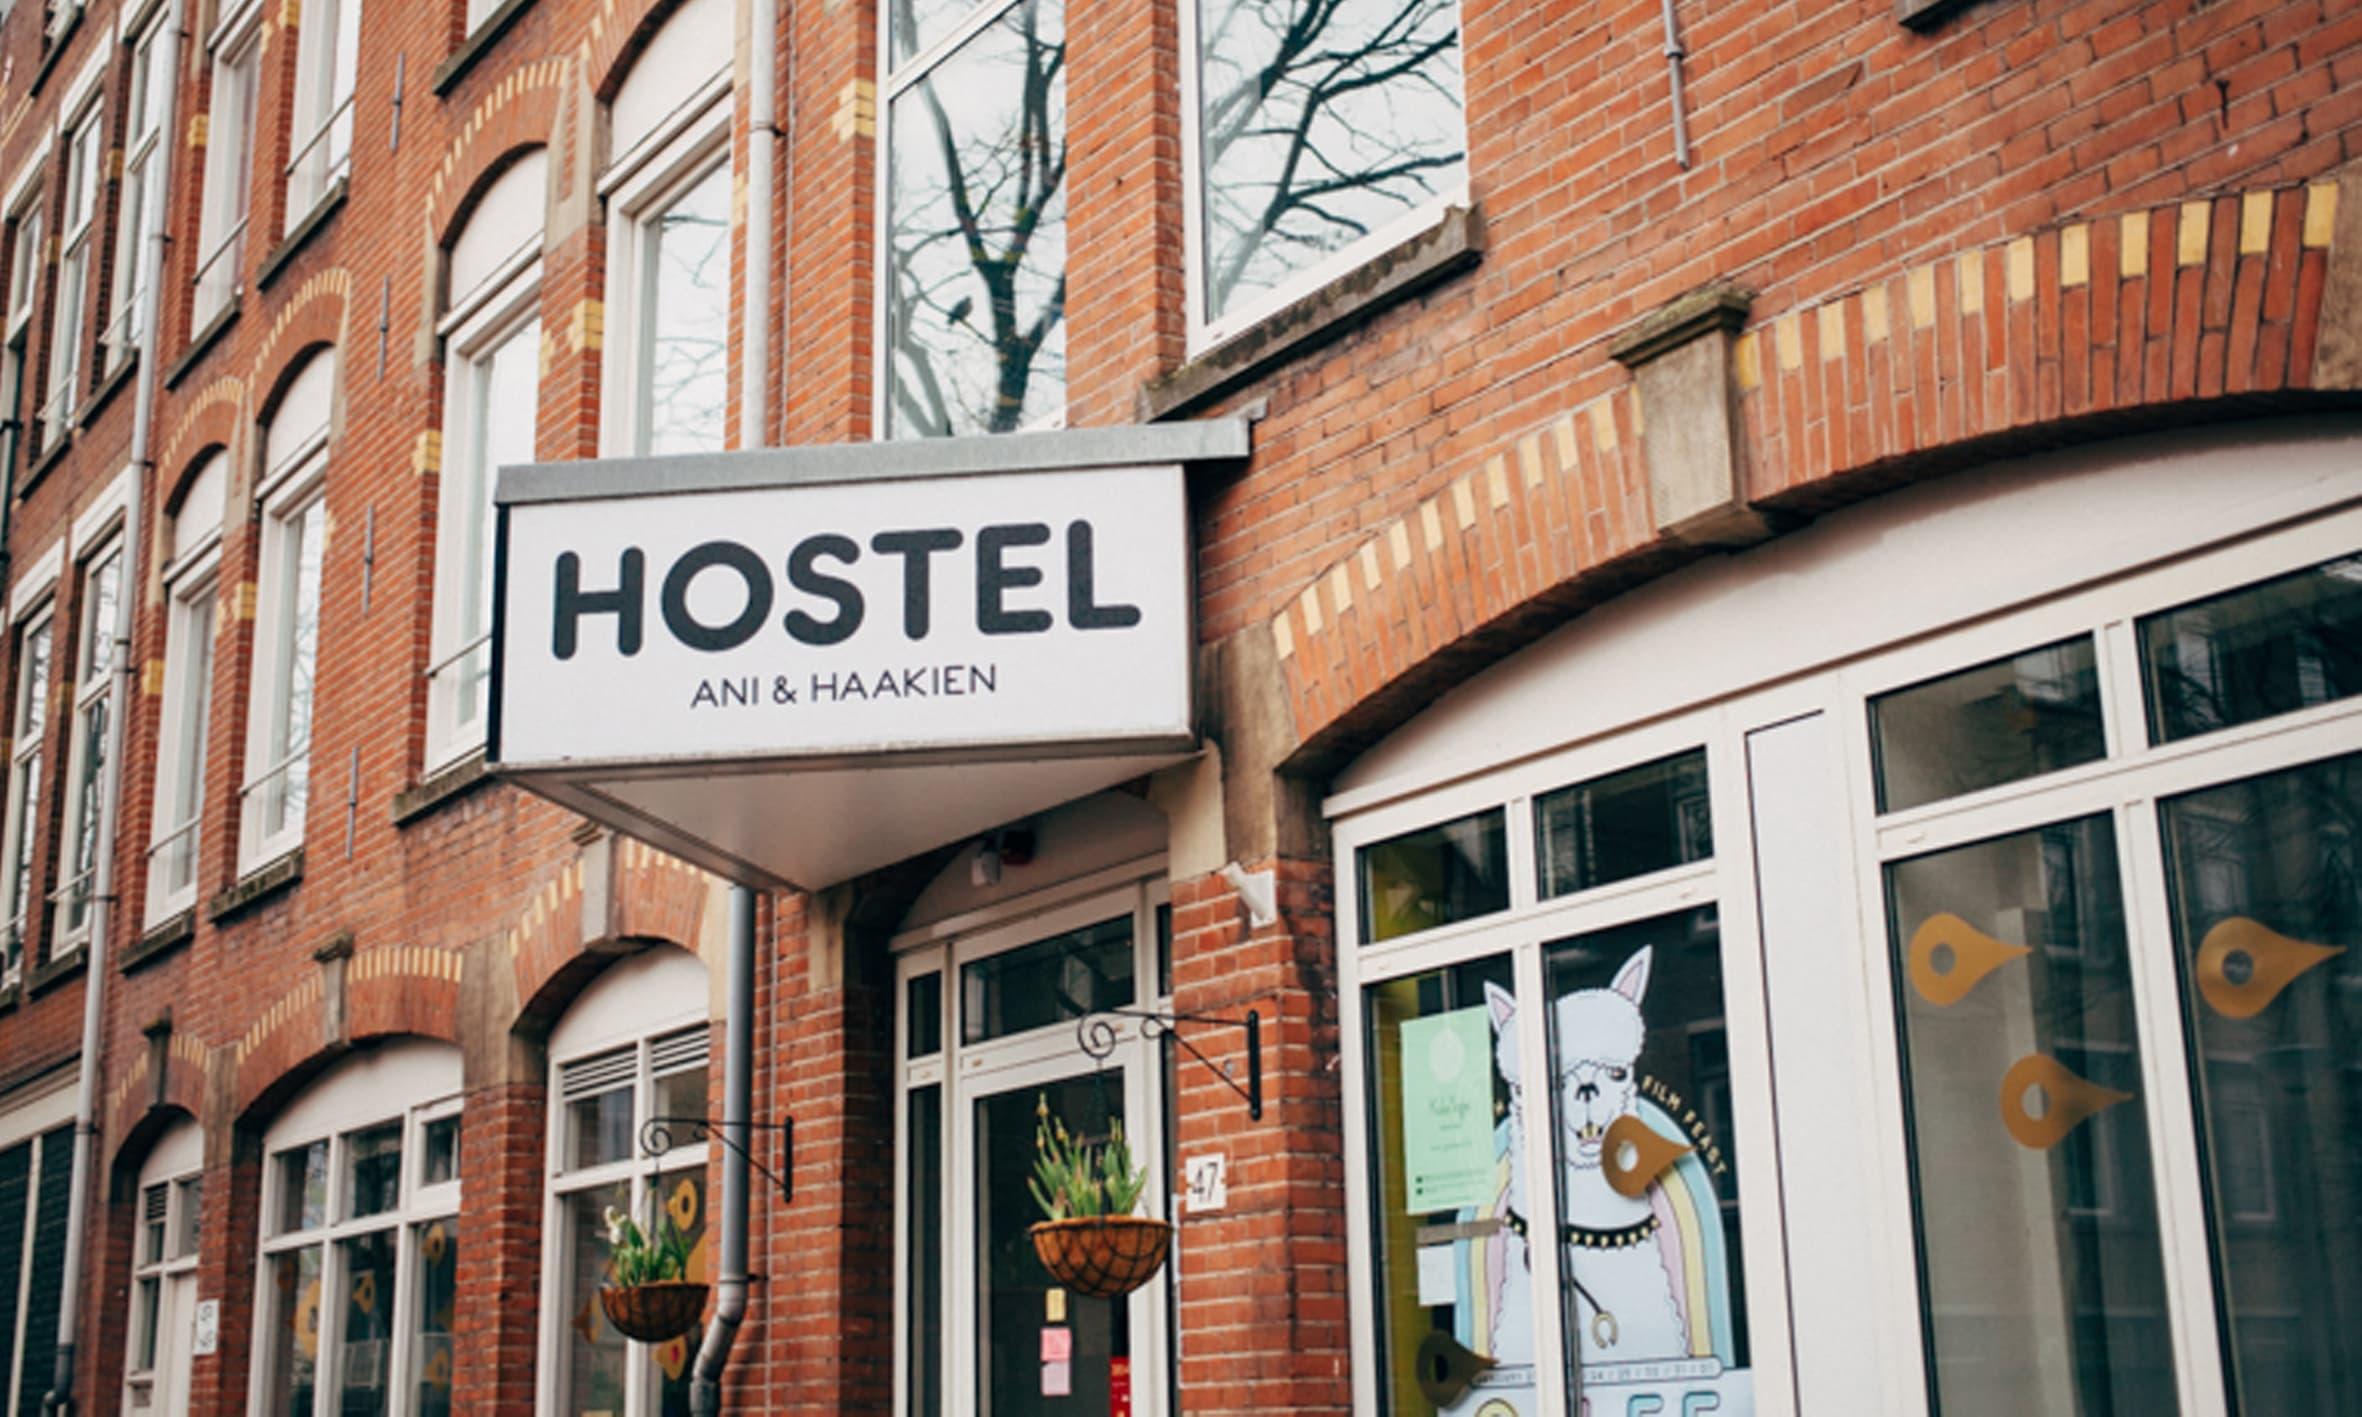 HOSTEL - Hostel Ani & Haakien Rotterdam